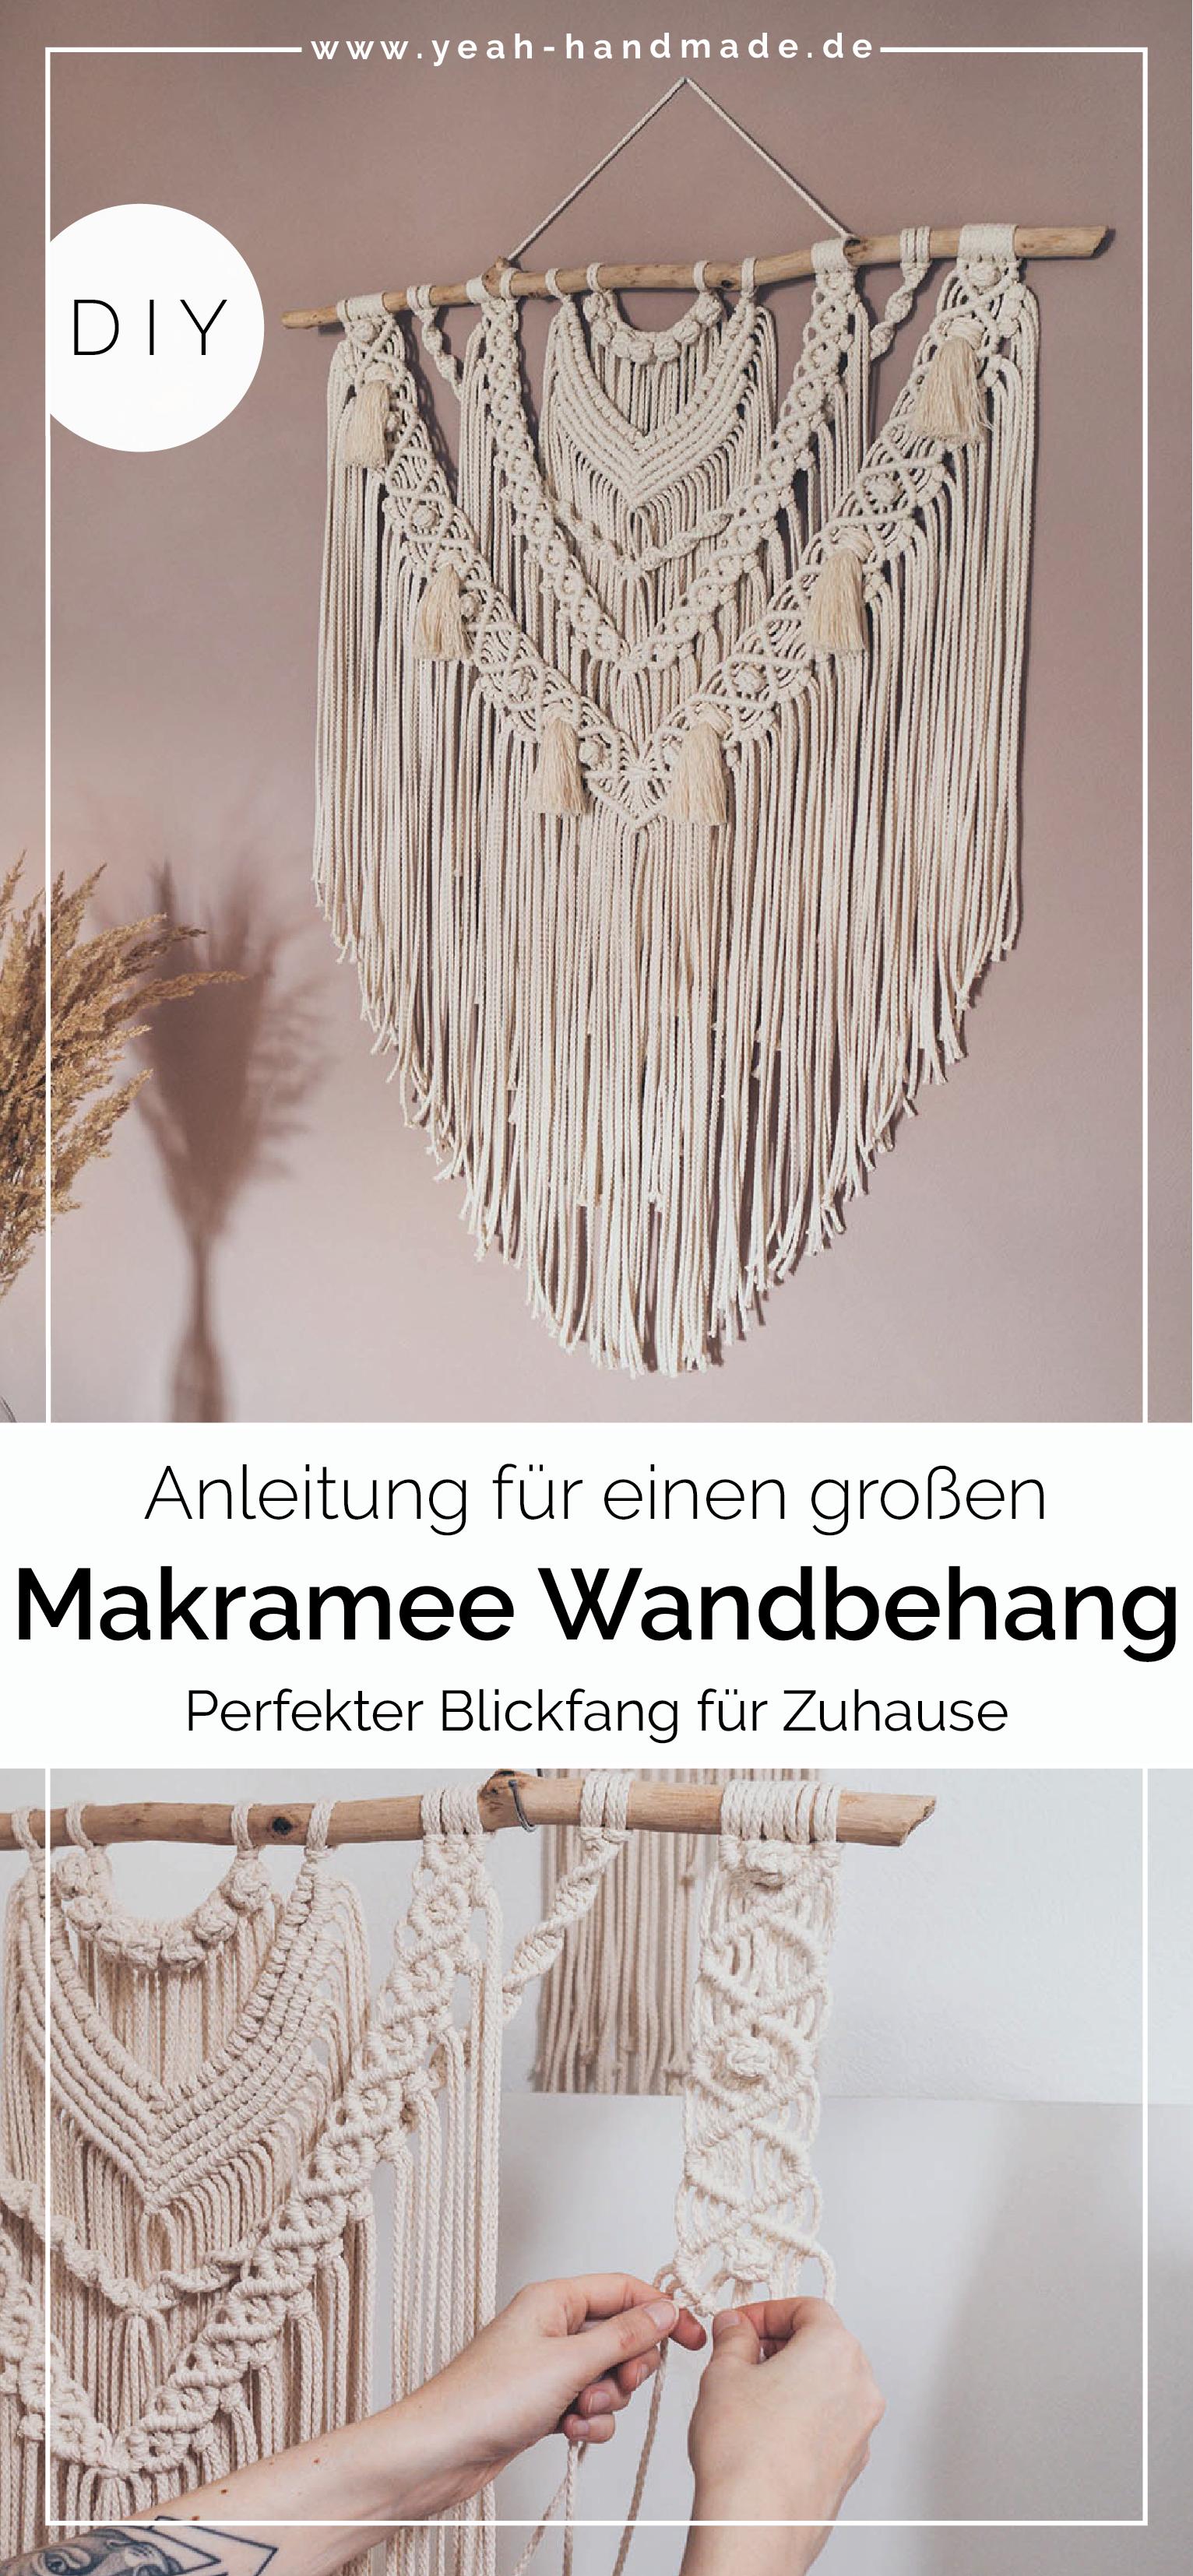 DIY Großen Makramee Wandbehang selber machen